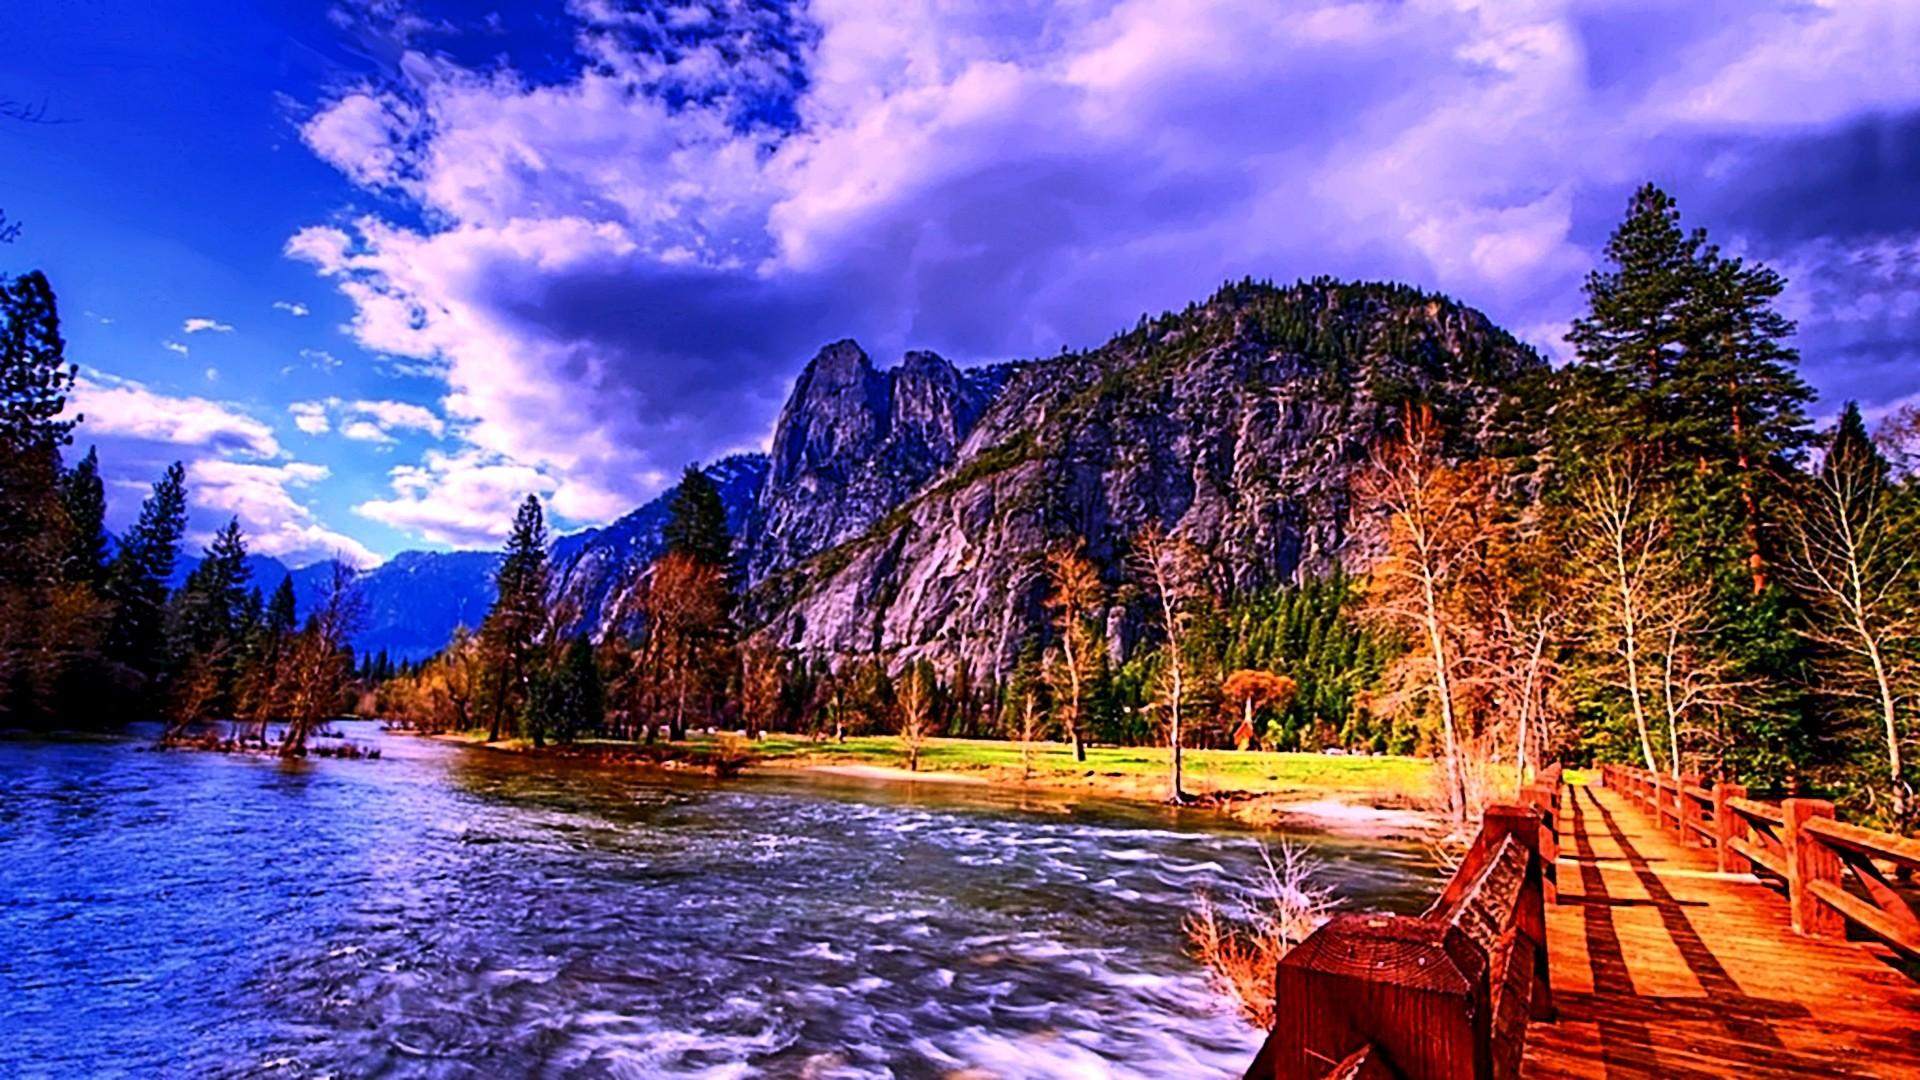 Full HD p Nature Wallpapers, Desktop Backgrounds HD, Pictures Nature  Wallpapers Hd Wallpapers)